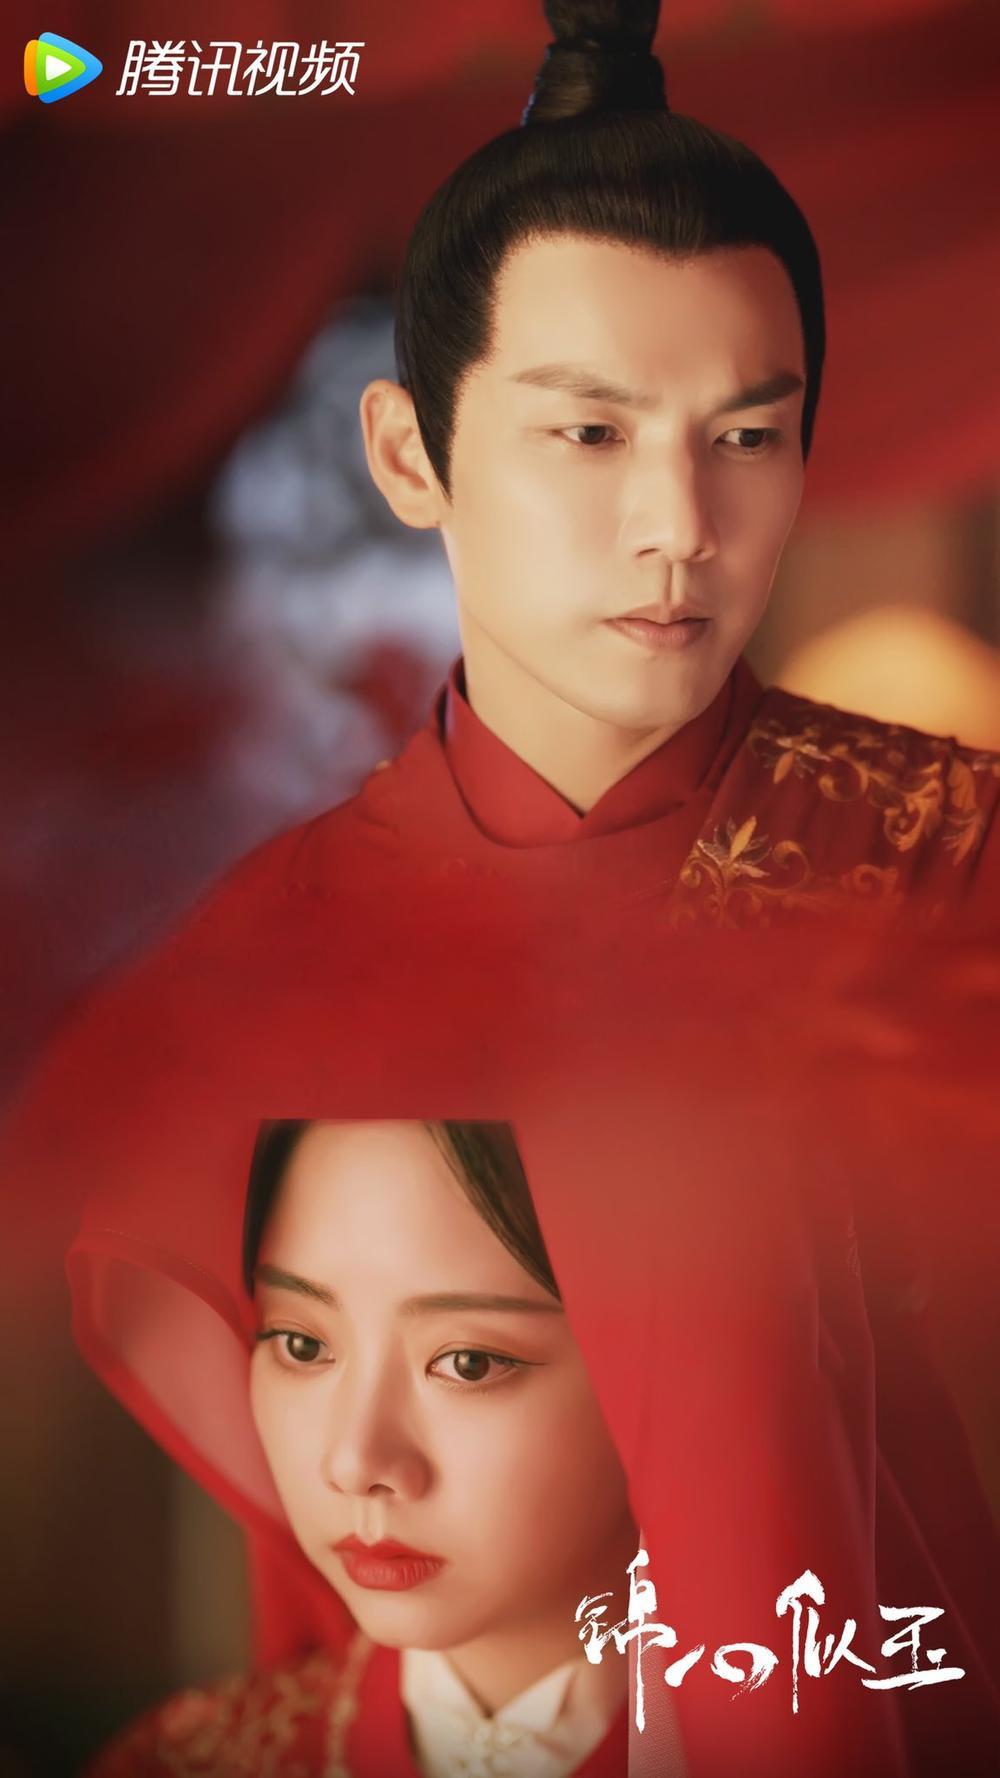 Đàm Tùng Vận ghét Chung Hán Lương chỉ vì 'già nua' không hợp đóng cảnh hôn, nam diễn viên lên tiếng! Ảnh 3